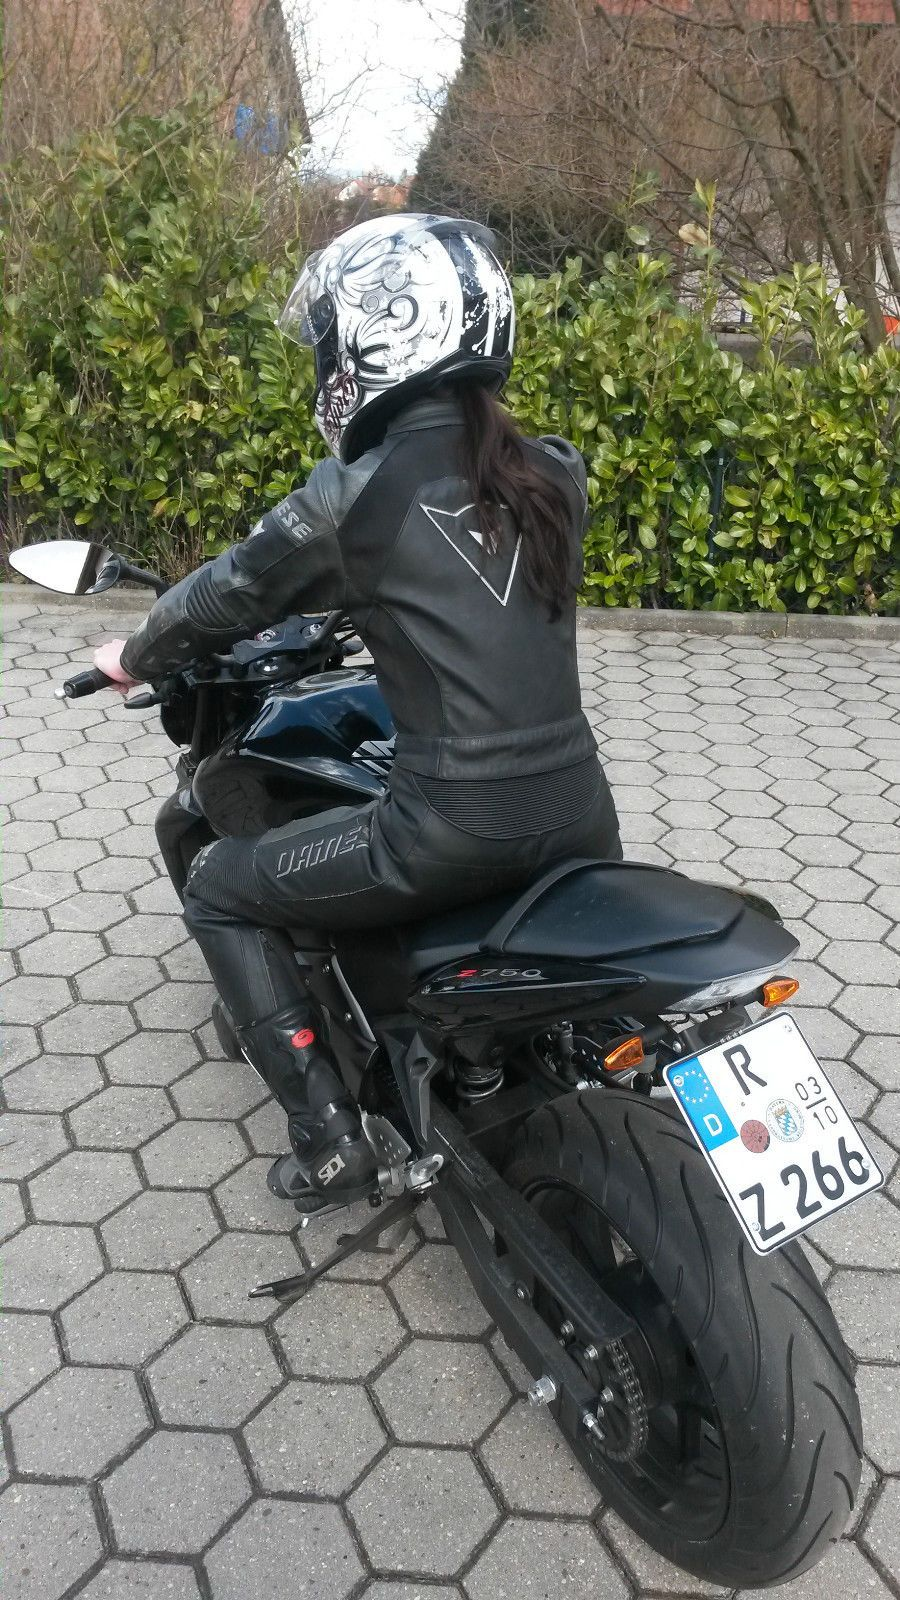 http://www.ebay.de/itm/Dainese-Lederkombi-/252004519855?pt ...